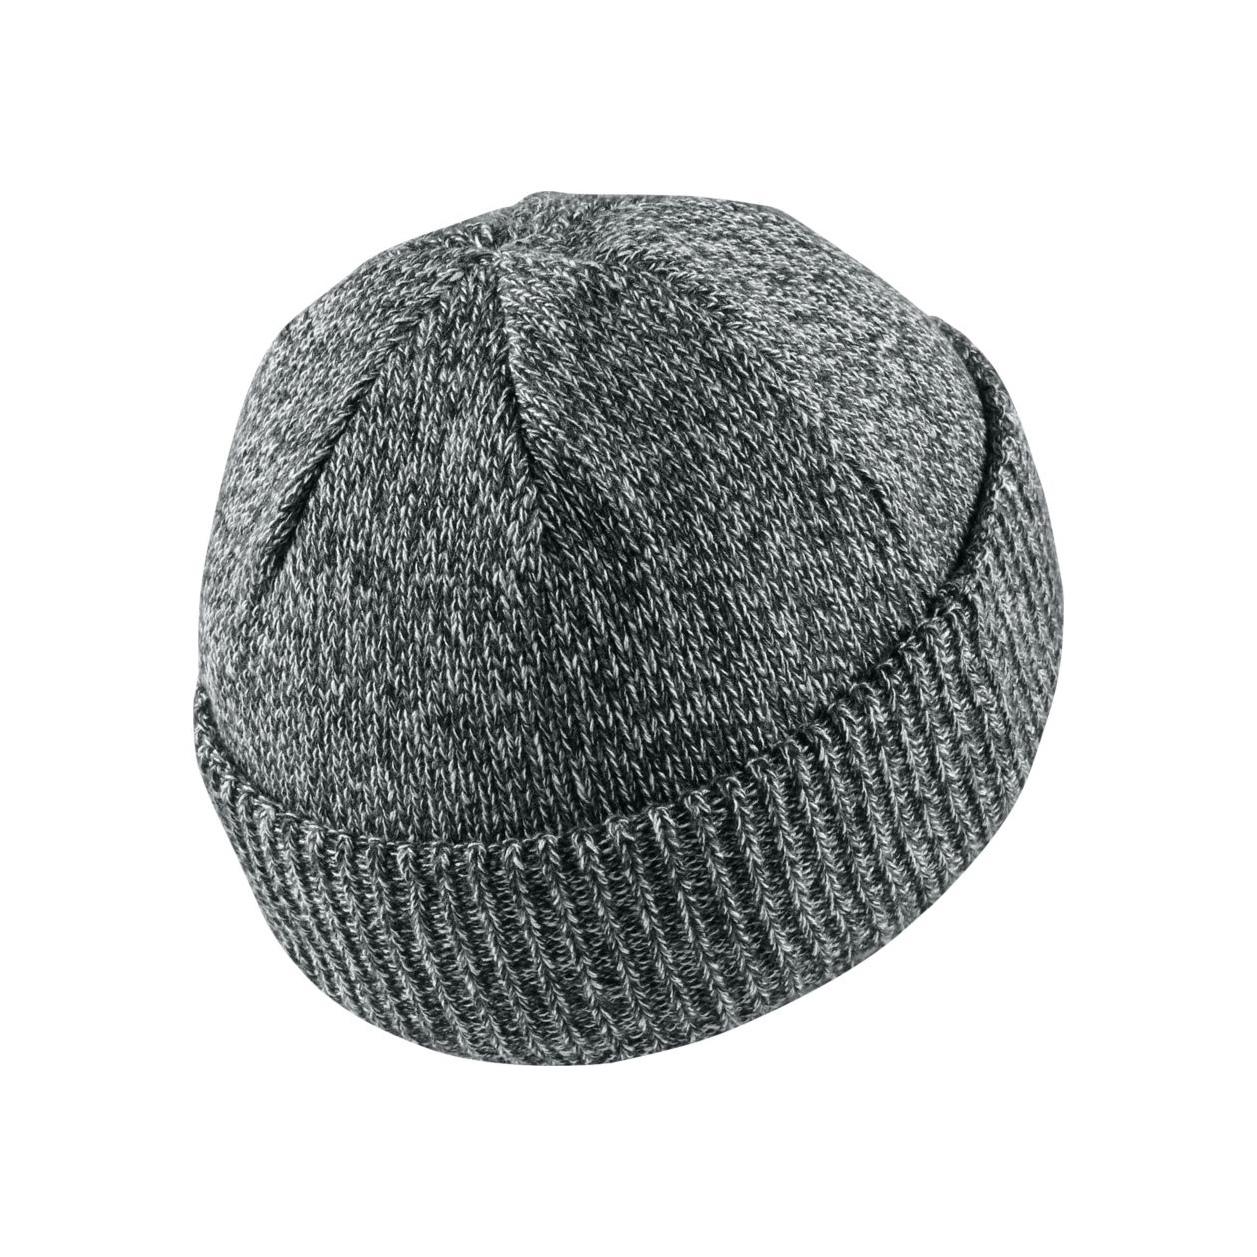 e2fab56b164 Jordan Watch Knit Hat (021) - Manelsanchezstyle.com